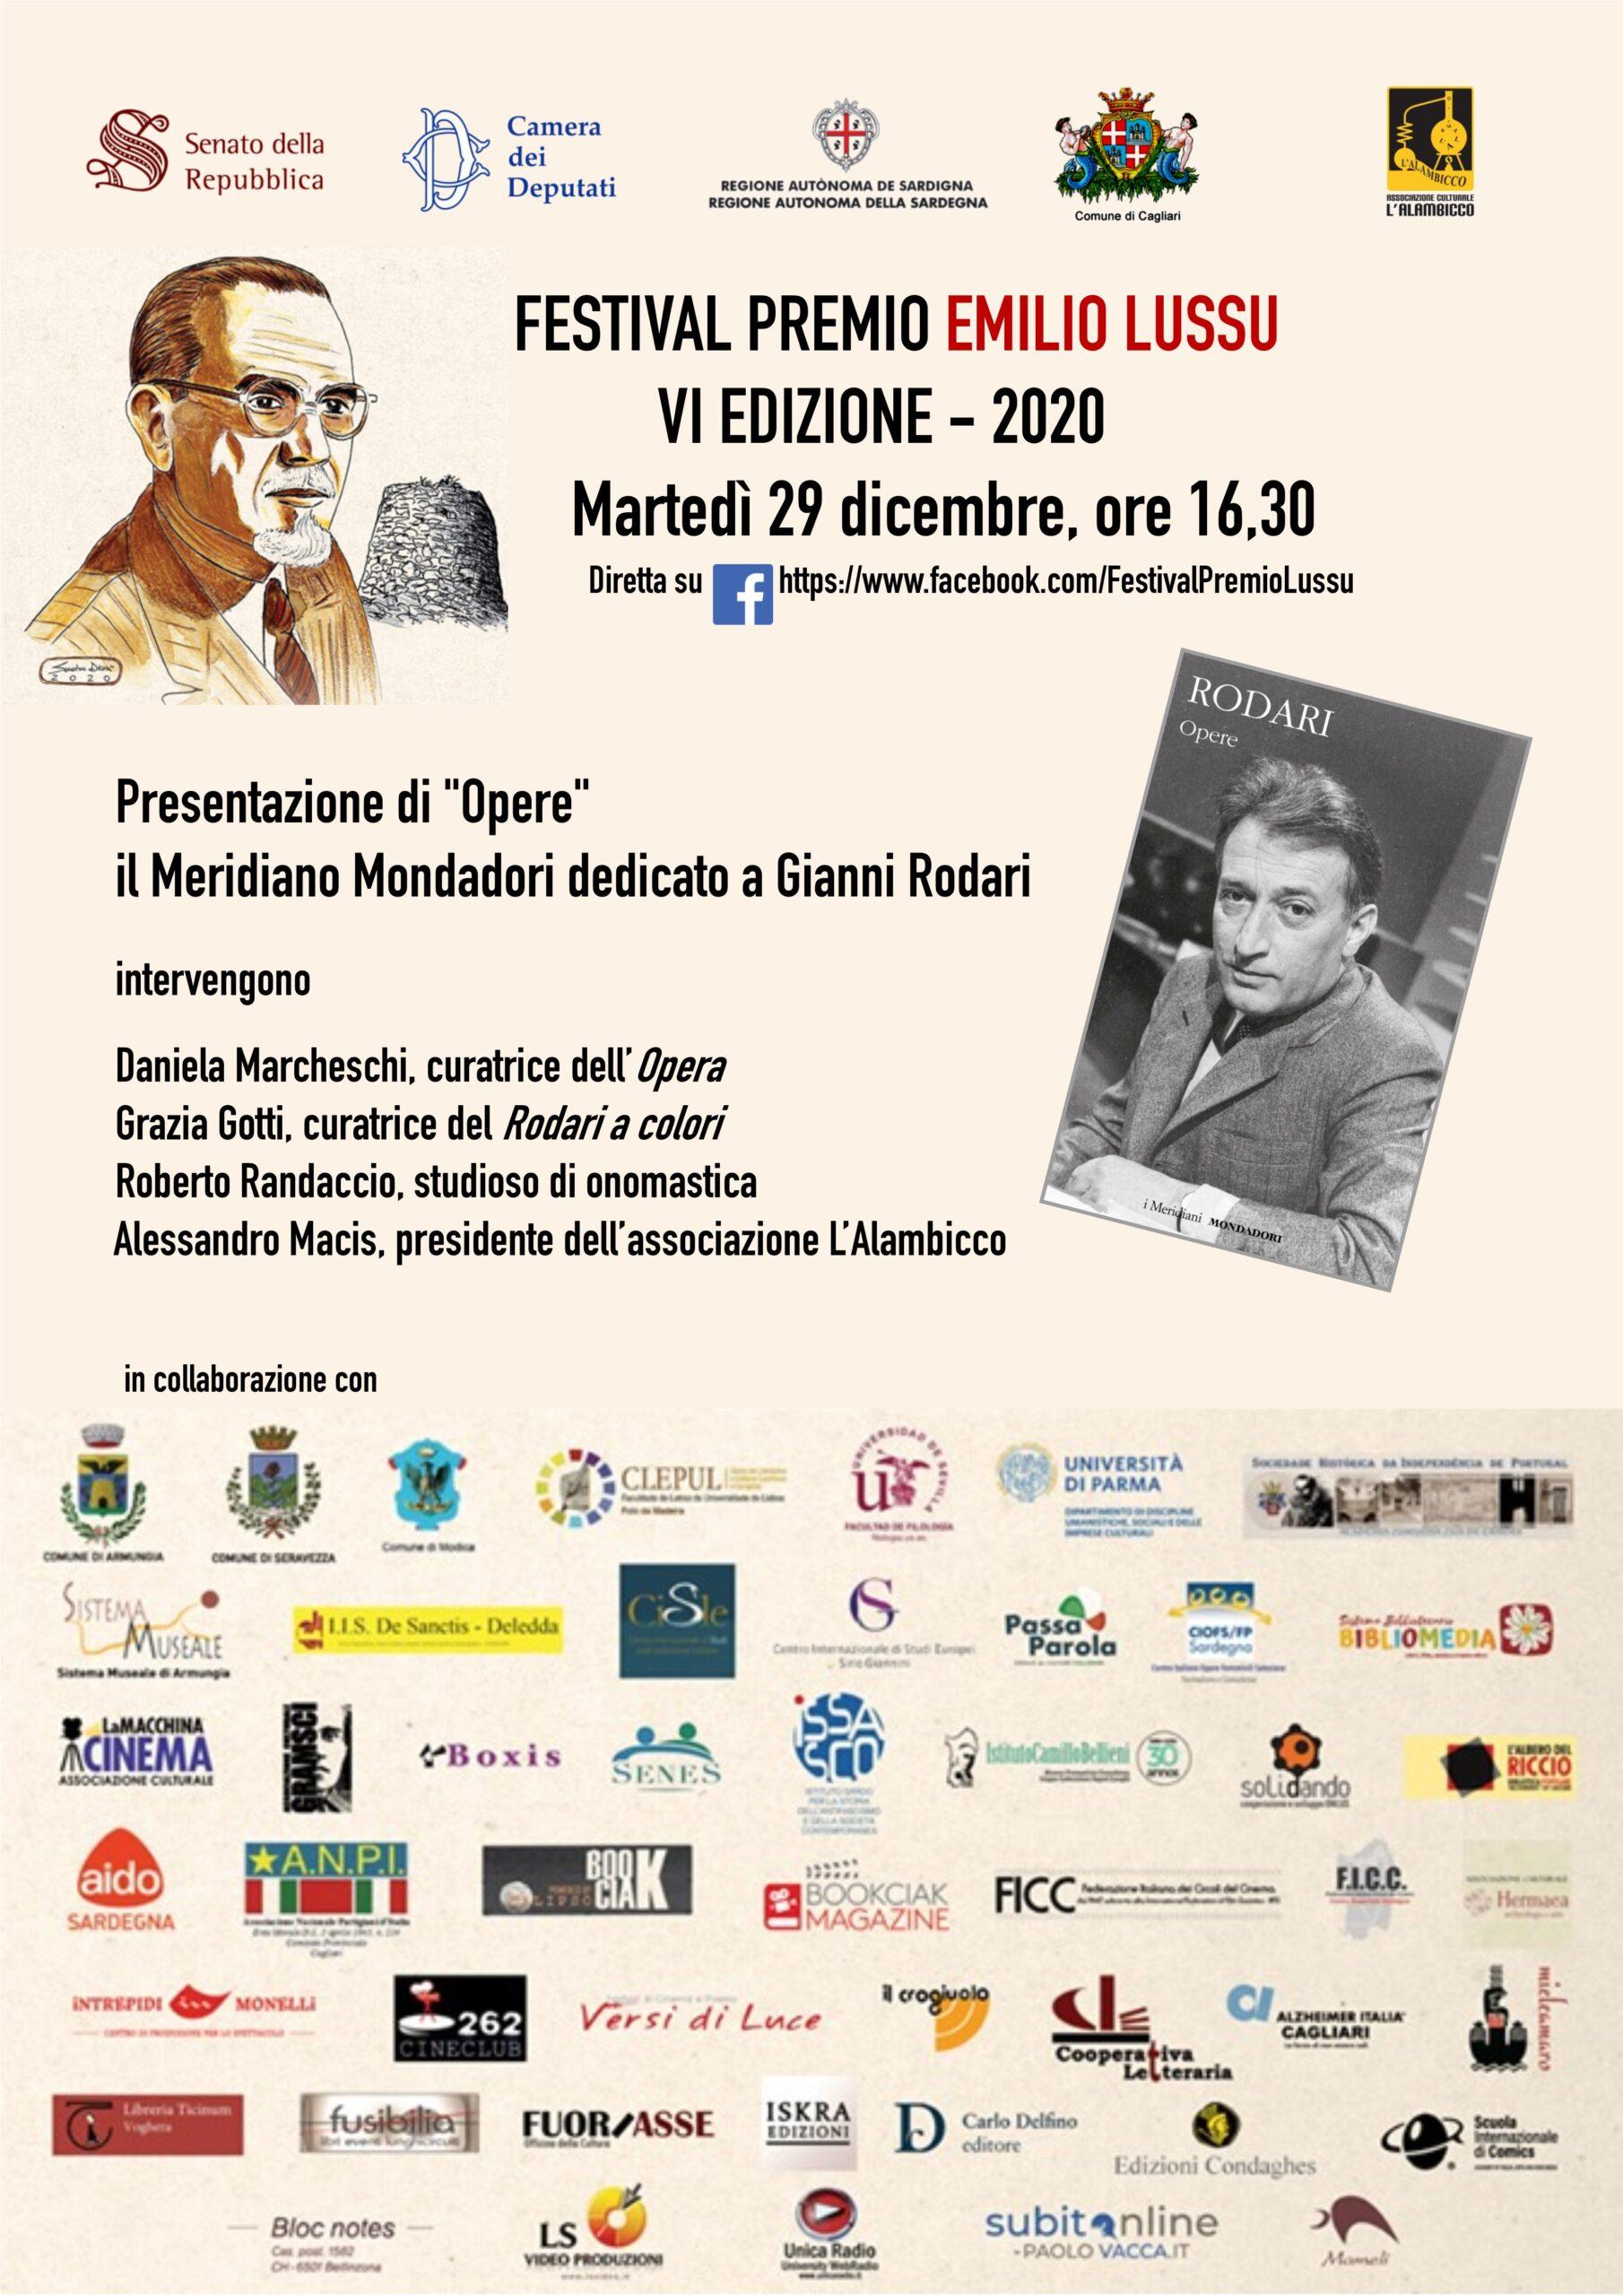 Presentazione Di OPERE, Il Meridiano Mondadori Su Gianni Rodari